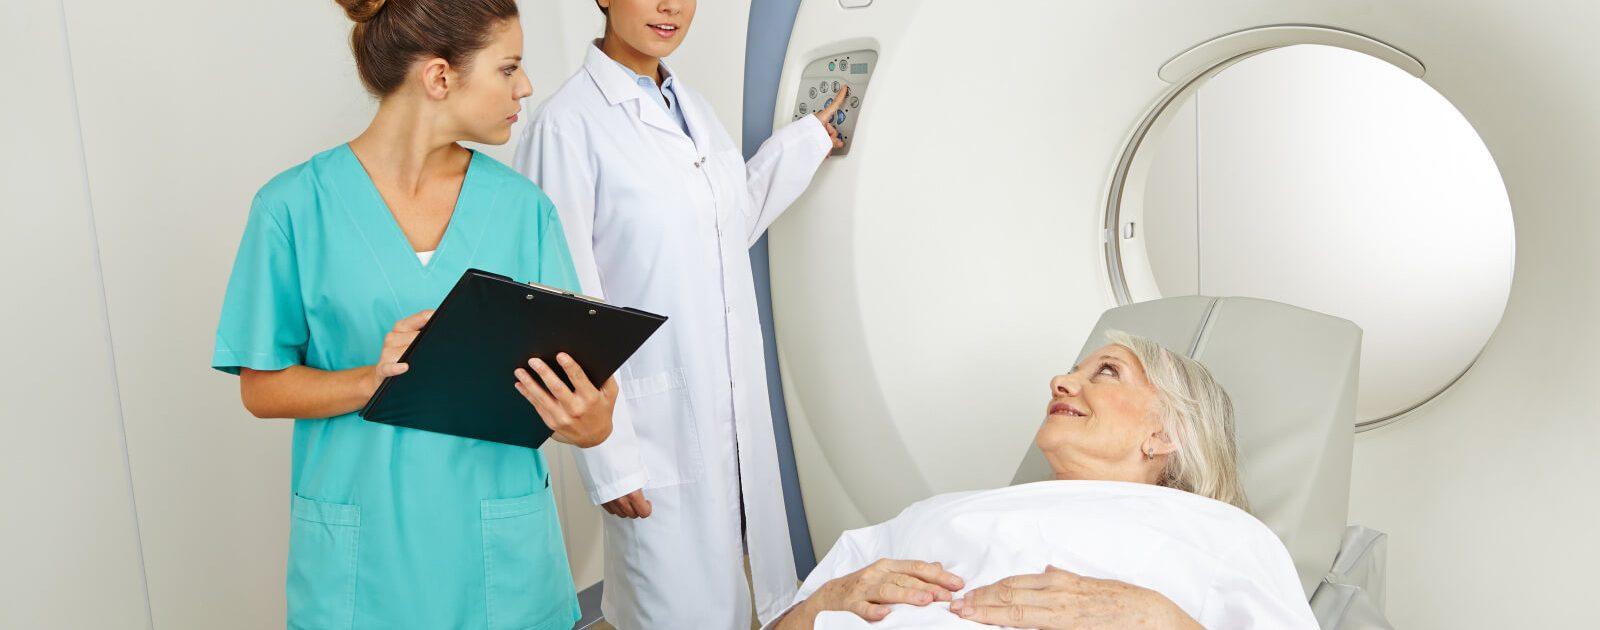 Frau bei der Diagnose einer Nervenschädigung